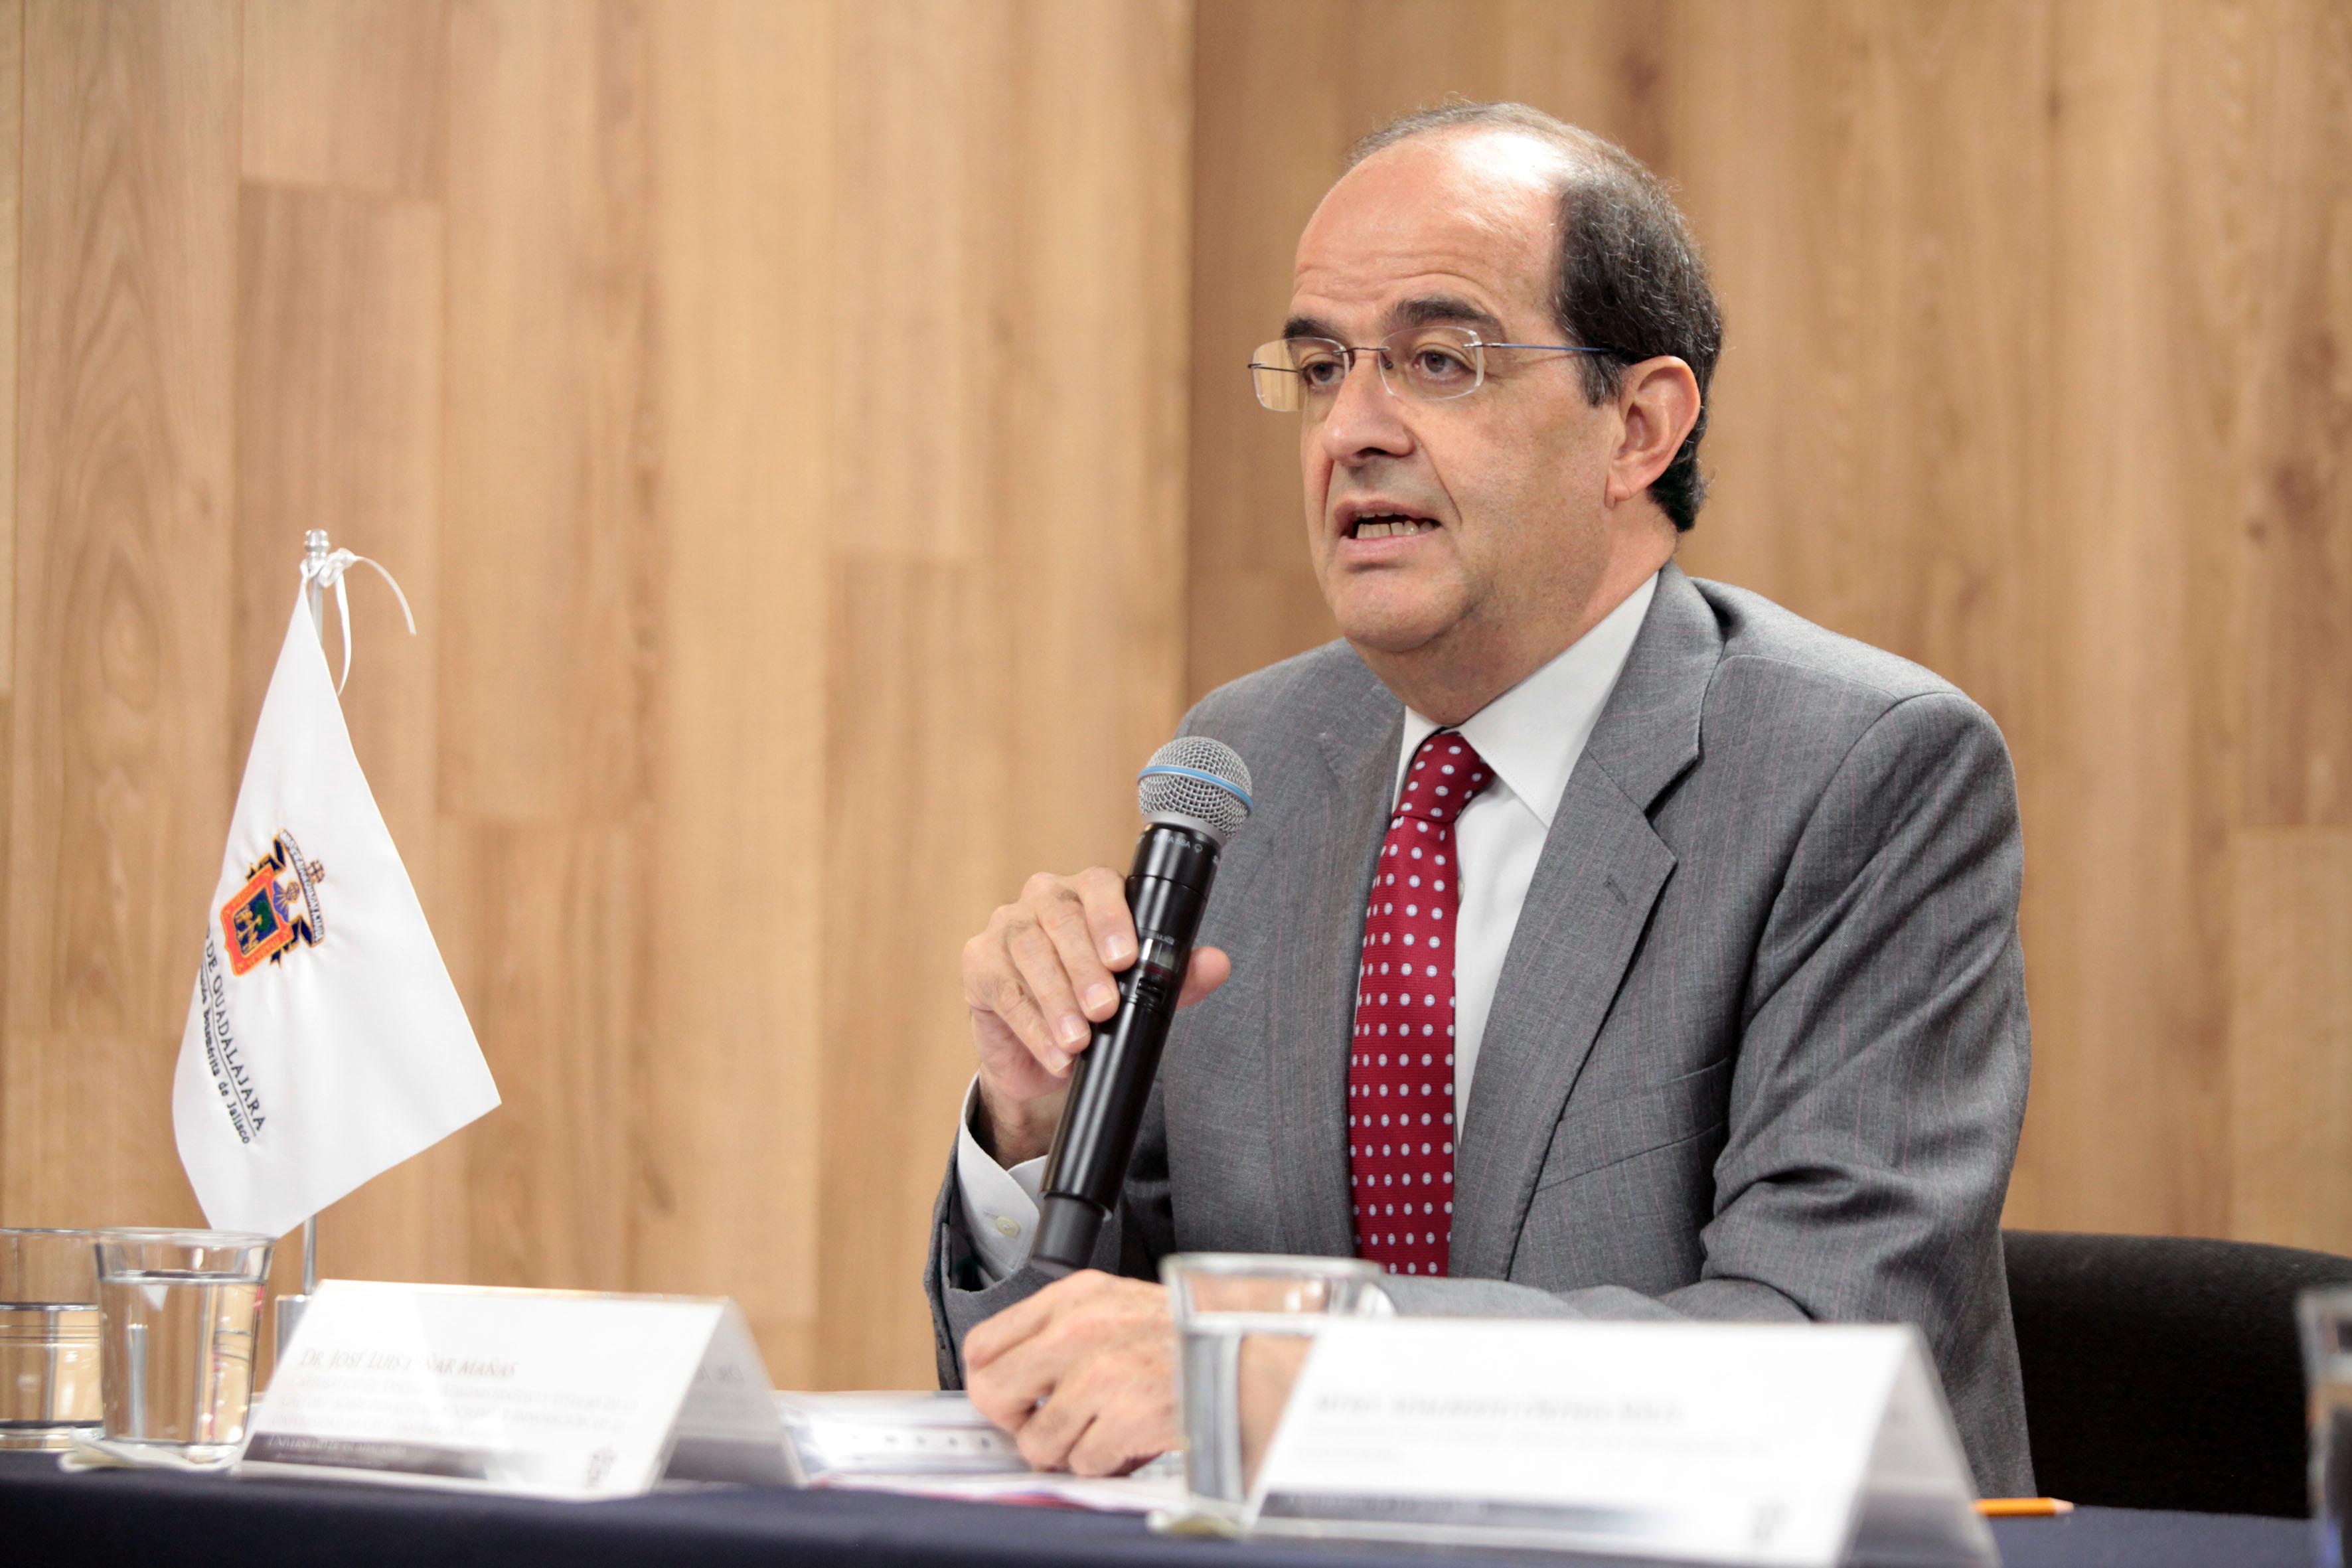 José Luis Piñar Mañas, doctor en derecho por la Universidad Complutense de Madrid.haciendo uso de la palabra